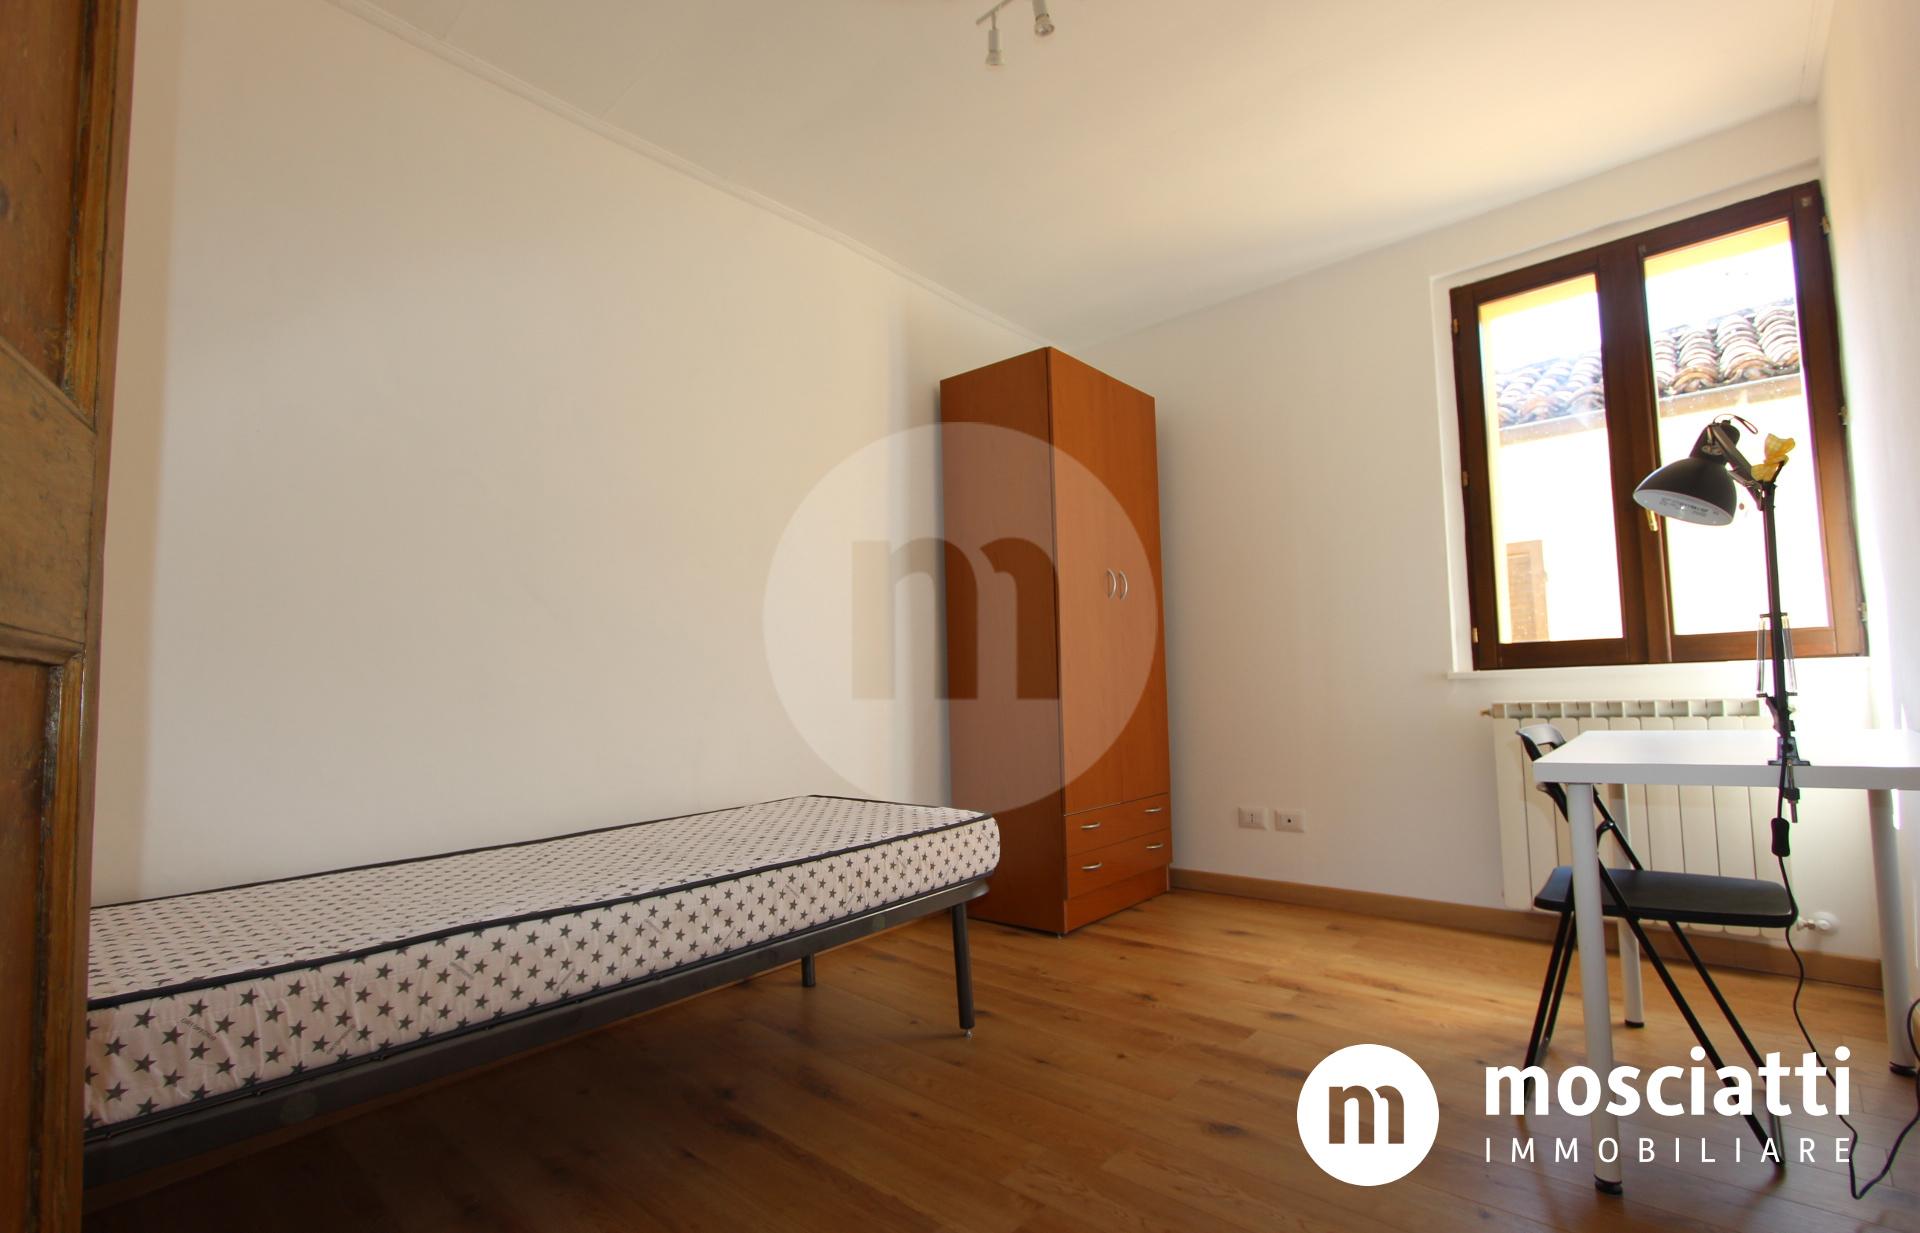 Matelica, Centro Storico in Vicolo Archetto, vendesi appartamentino - 1